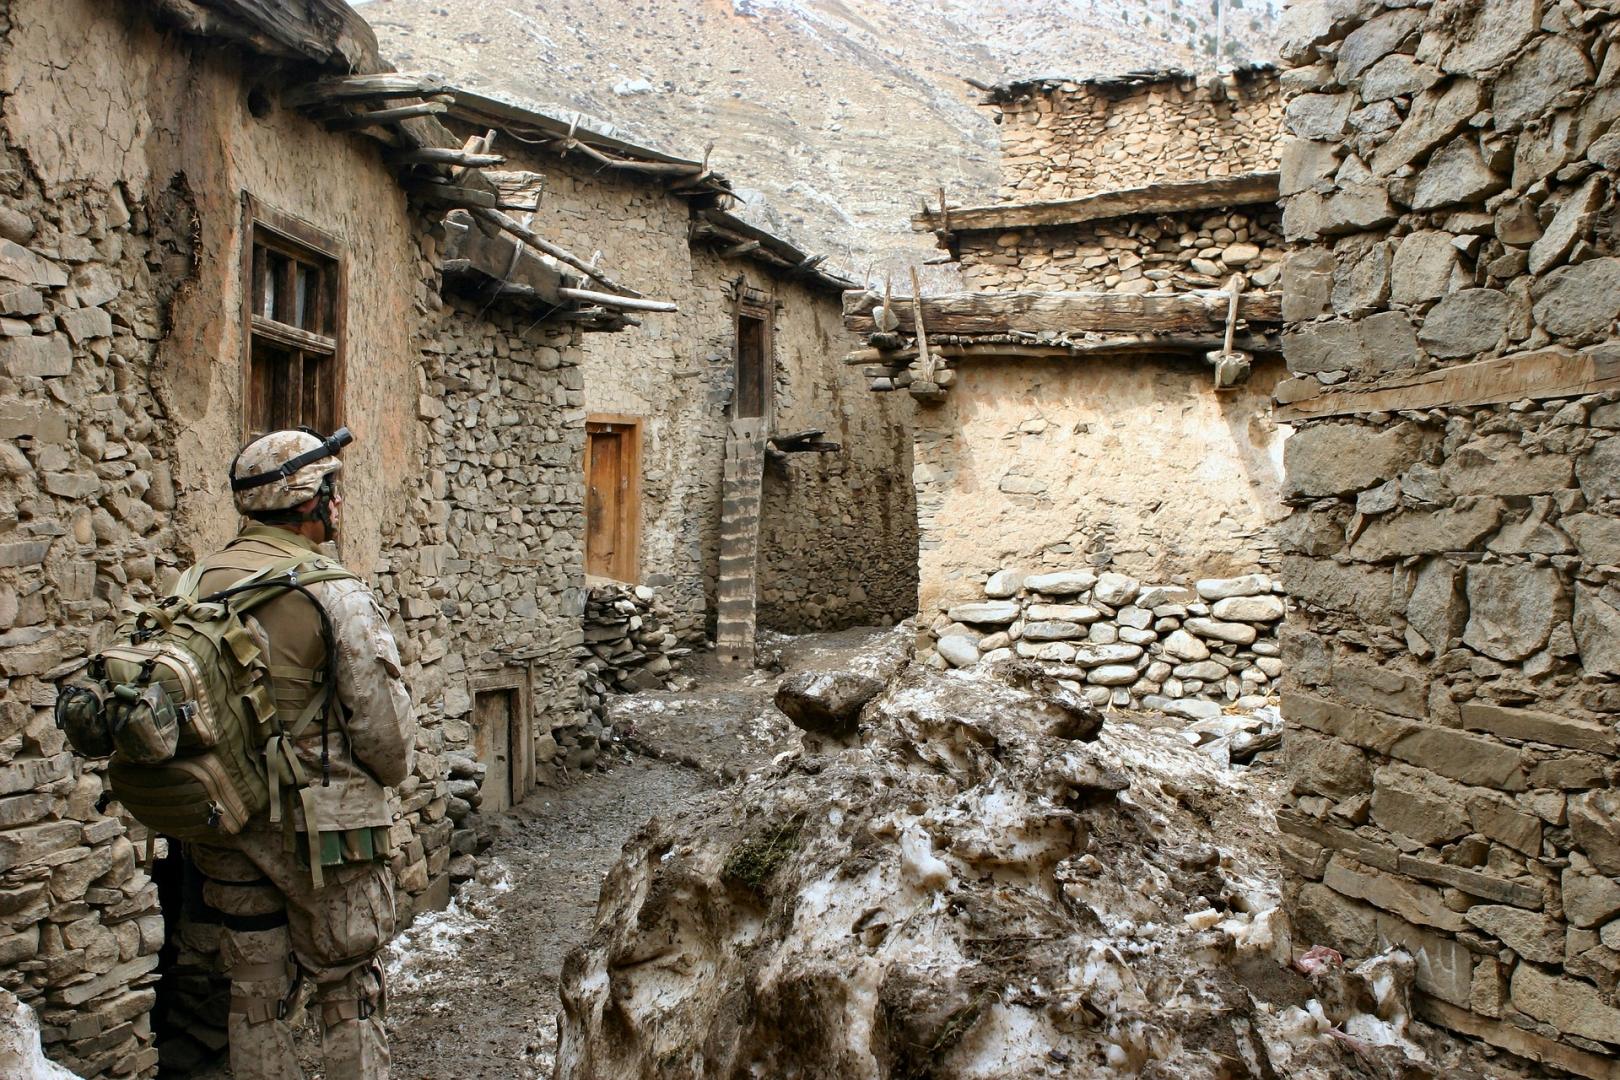 фото афганского кишлака как